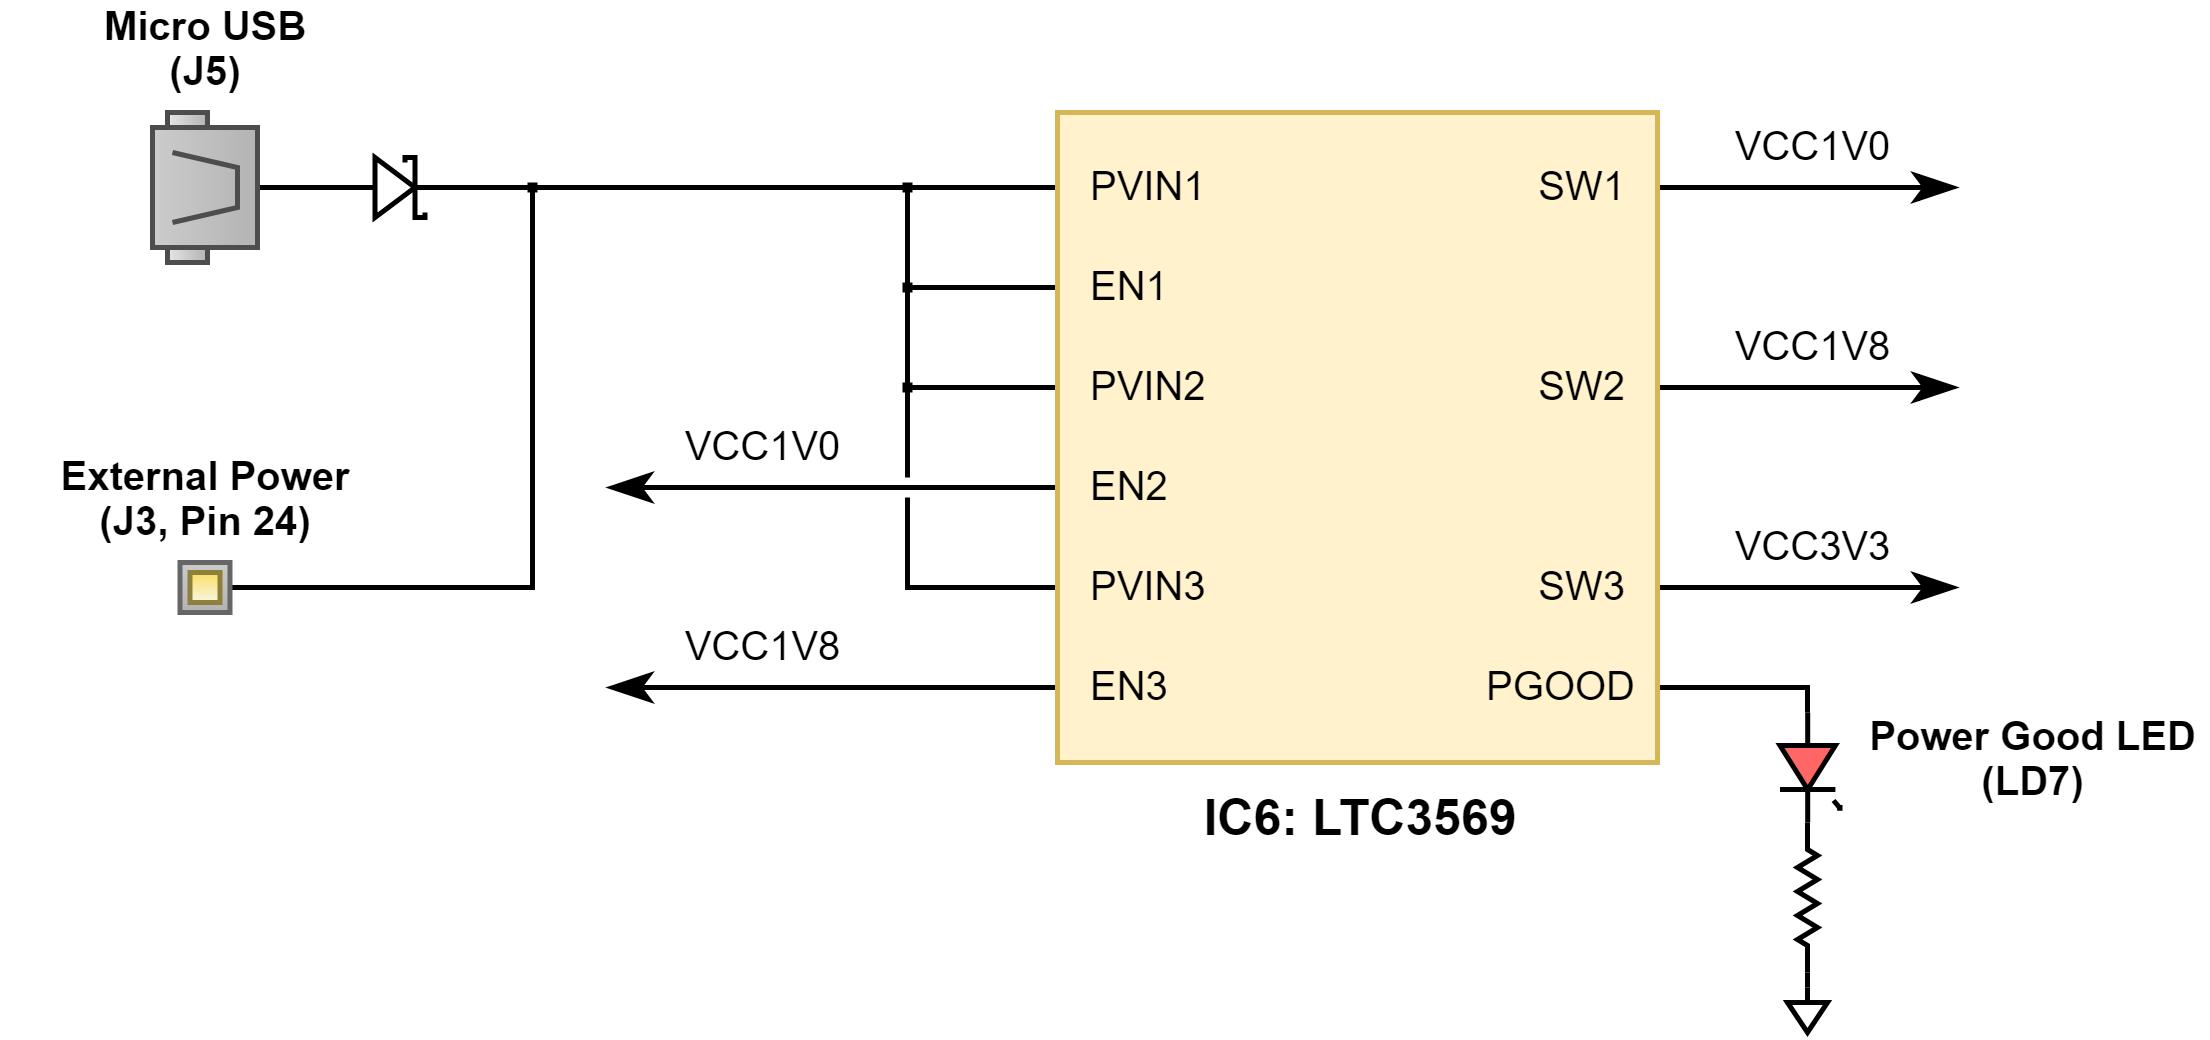 Figure 1.1 Power Supply